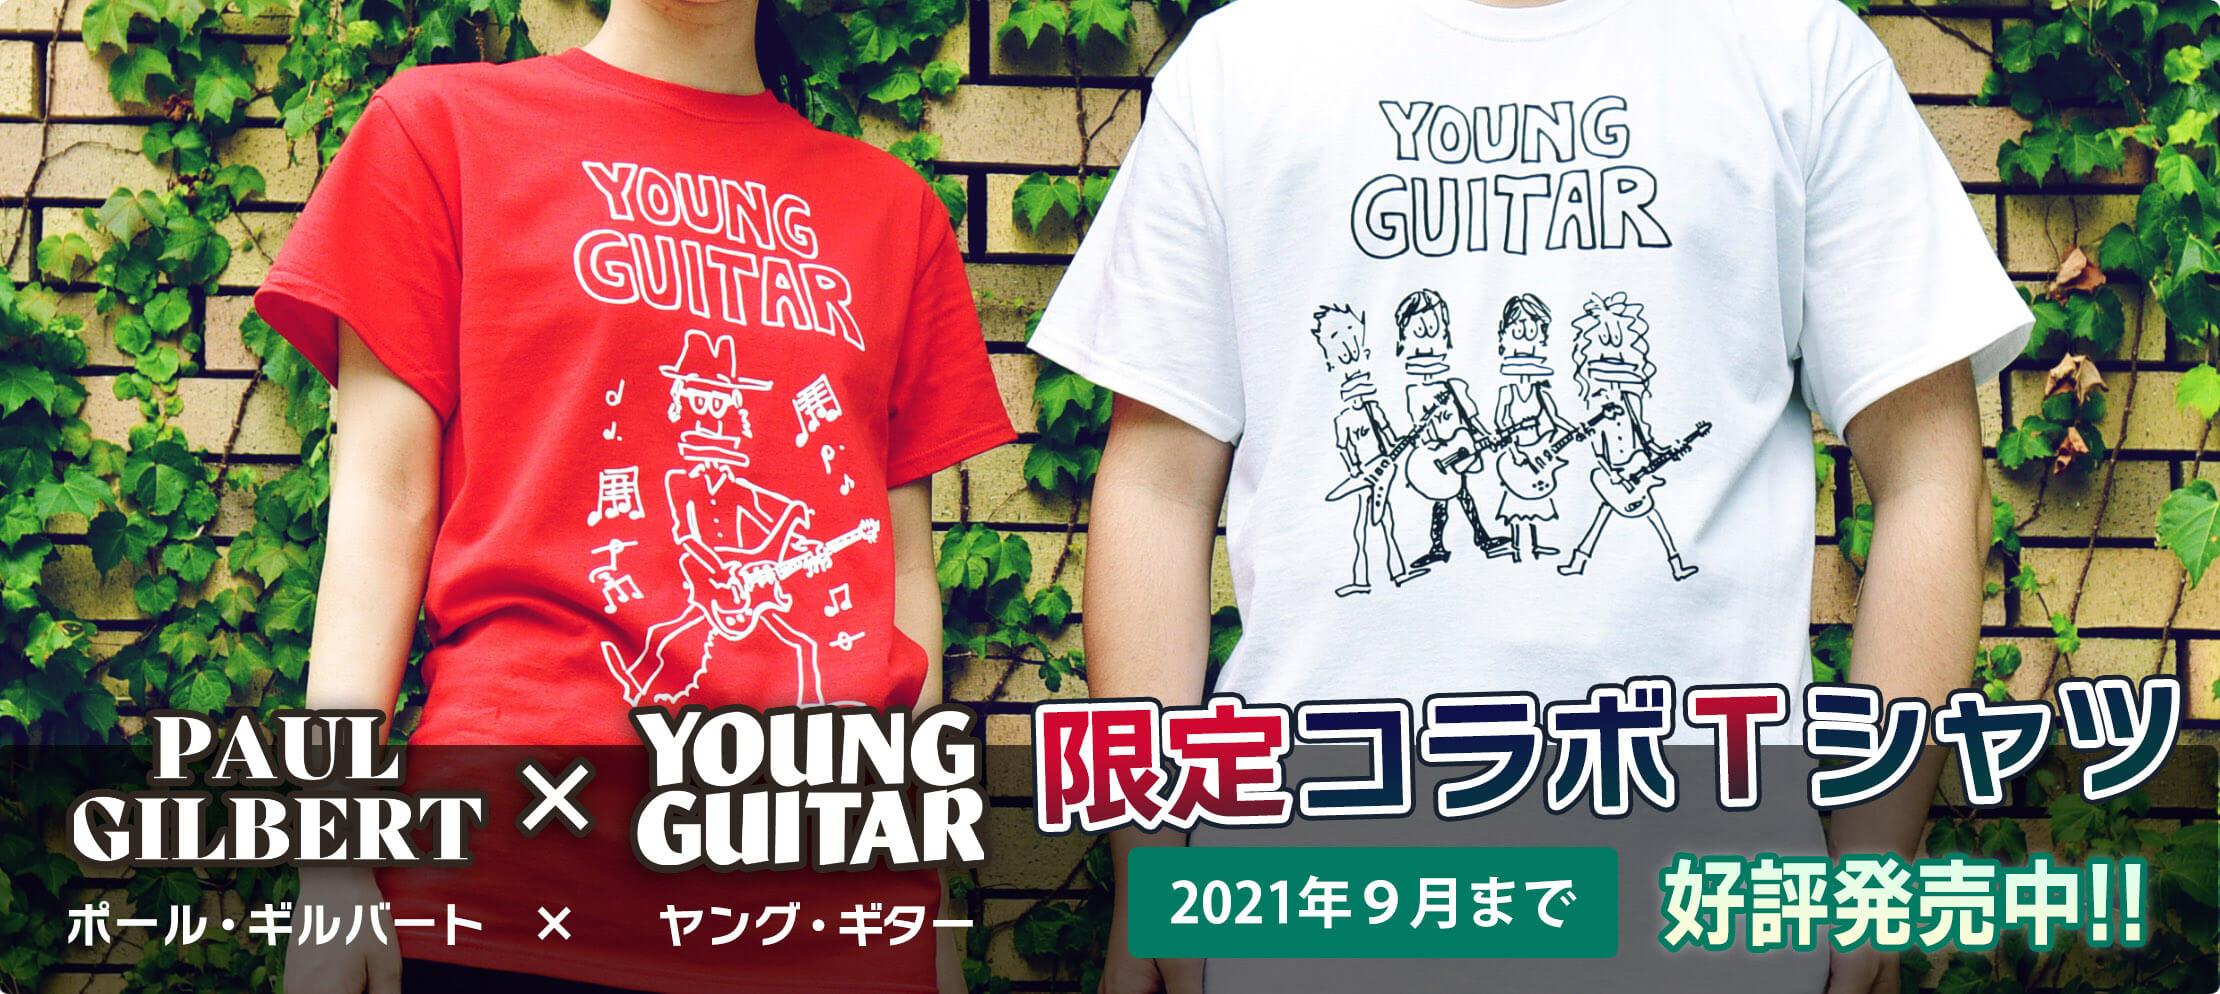 ポール・ギルバート×ヤング・ギター限定コラボTシャツ発売!